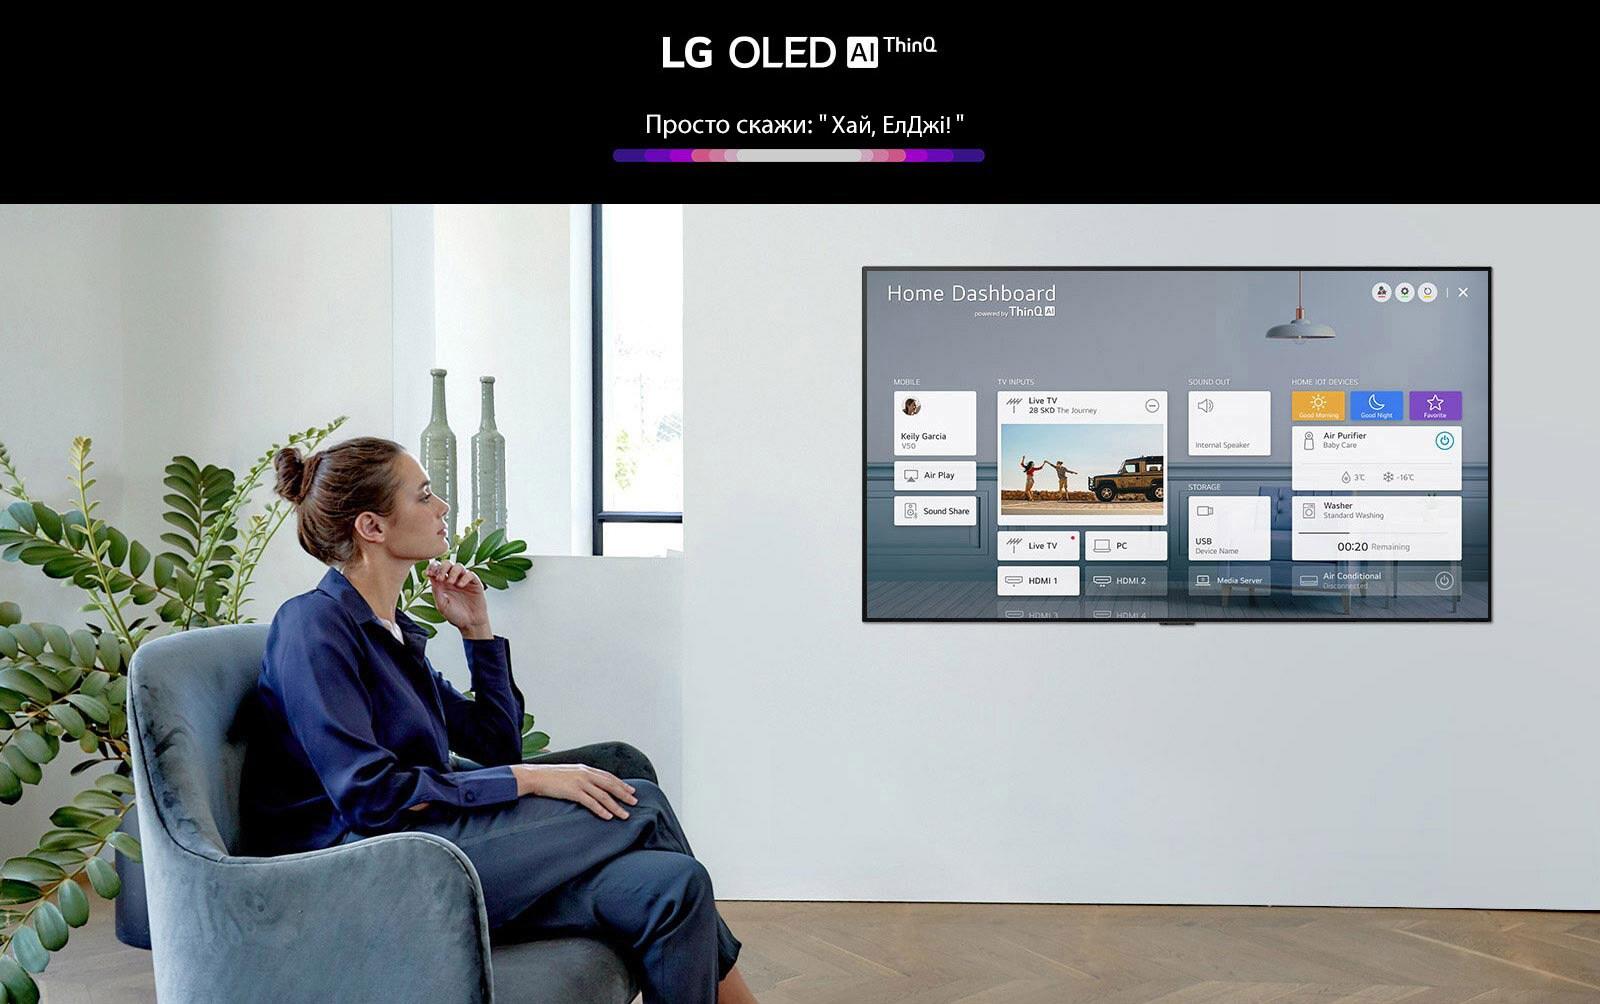 У вітальні жінка сидить у кріслі перед телевізором, на екрані якого показано панель Home Dashboard для керування домашньою екосистемою.